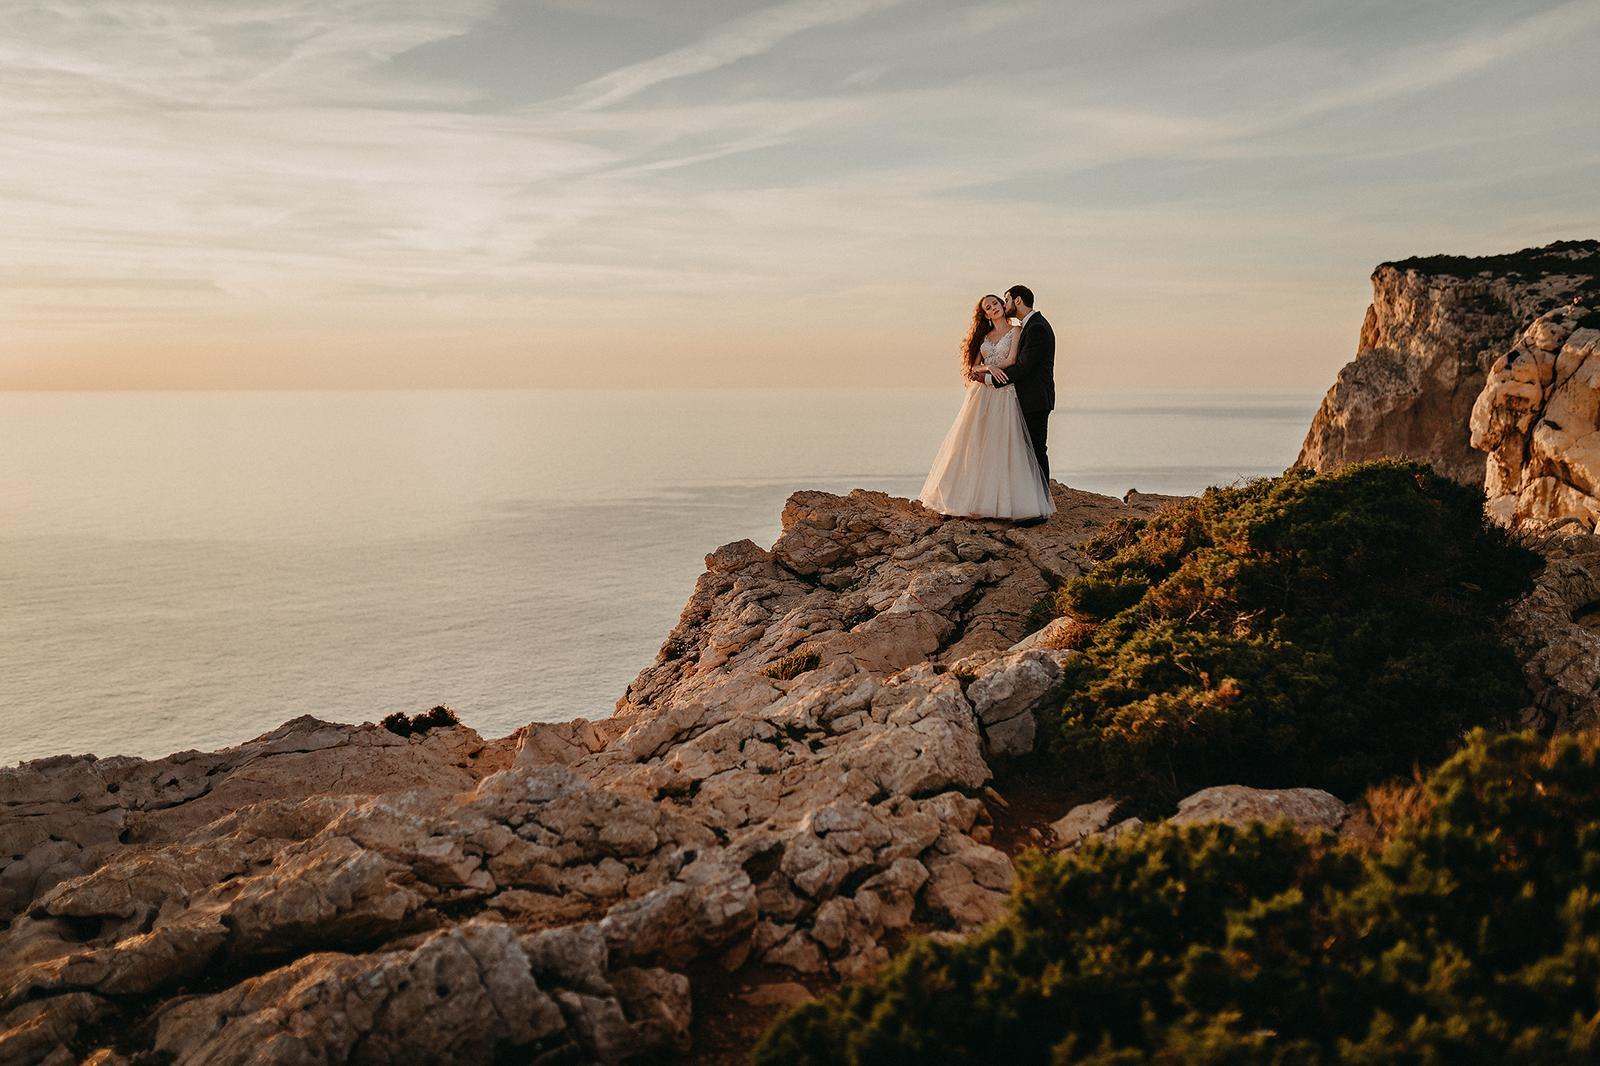 Naše svadobné fotenie na Sardínii - Obrázok č. 67